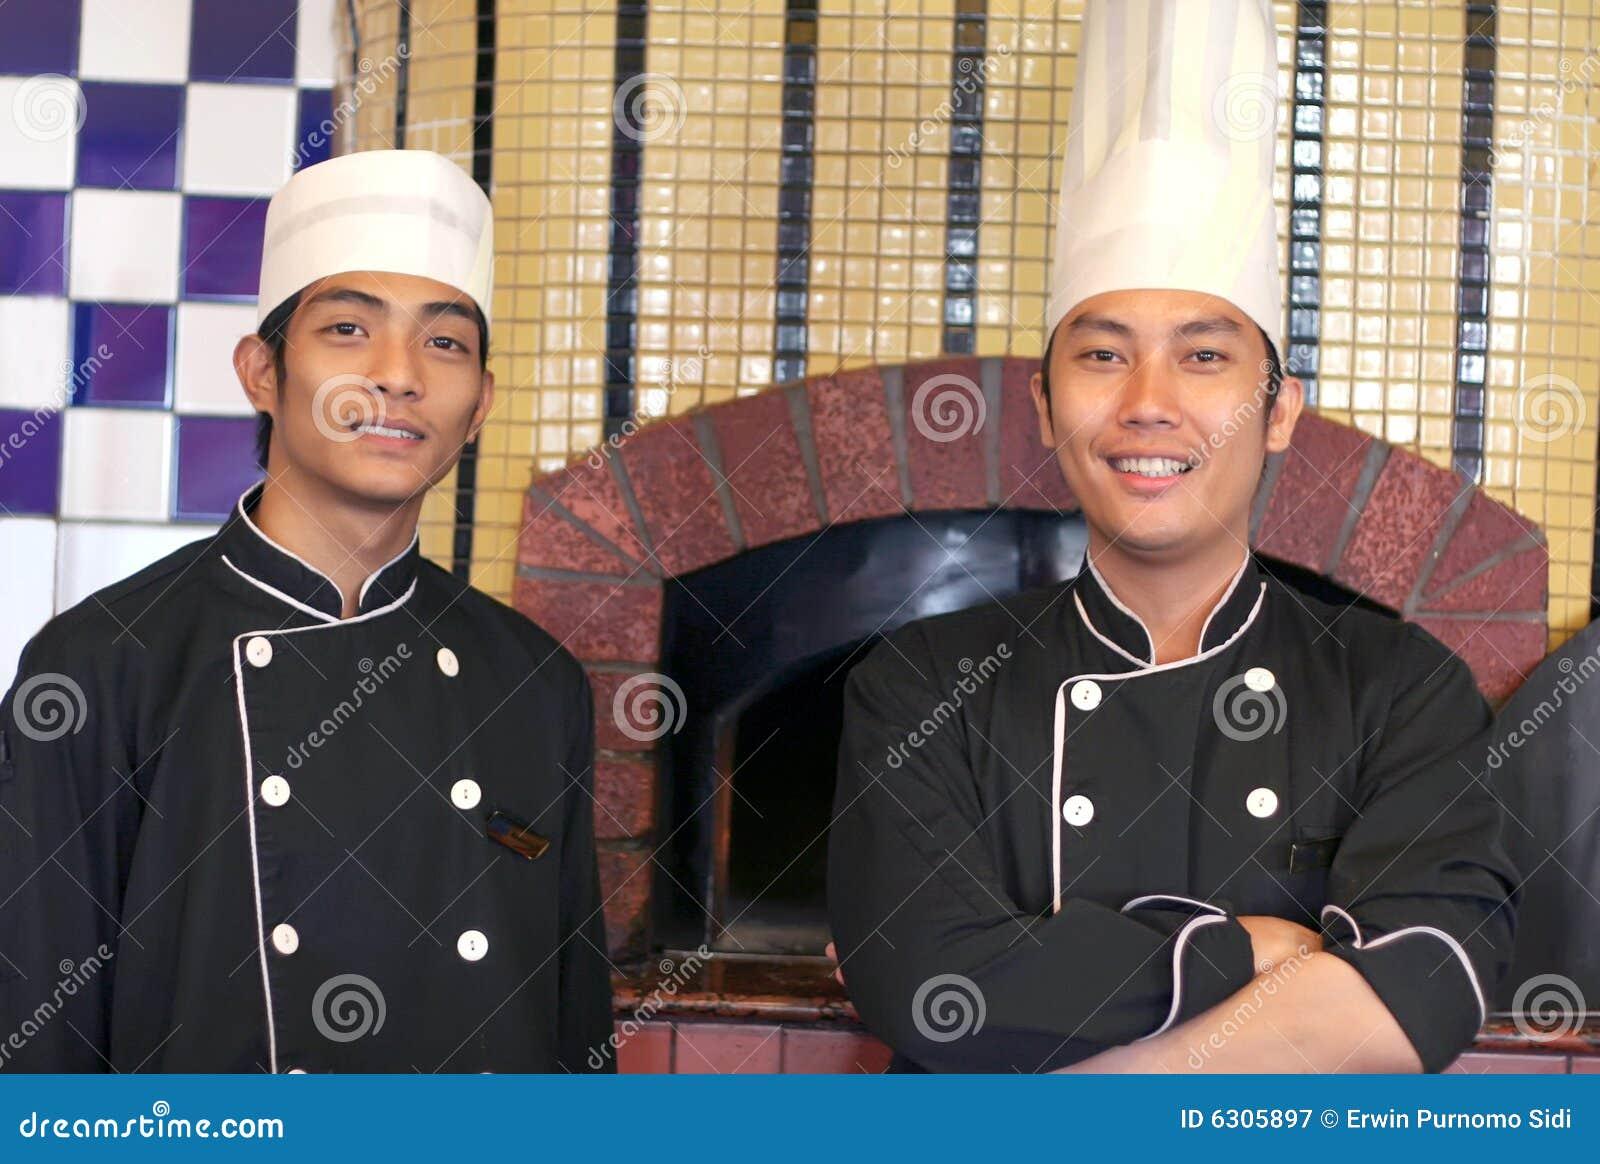 Senior and junior chef